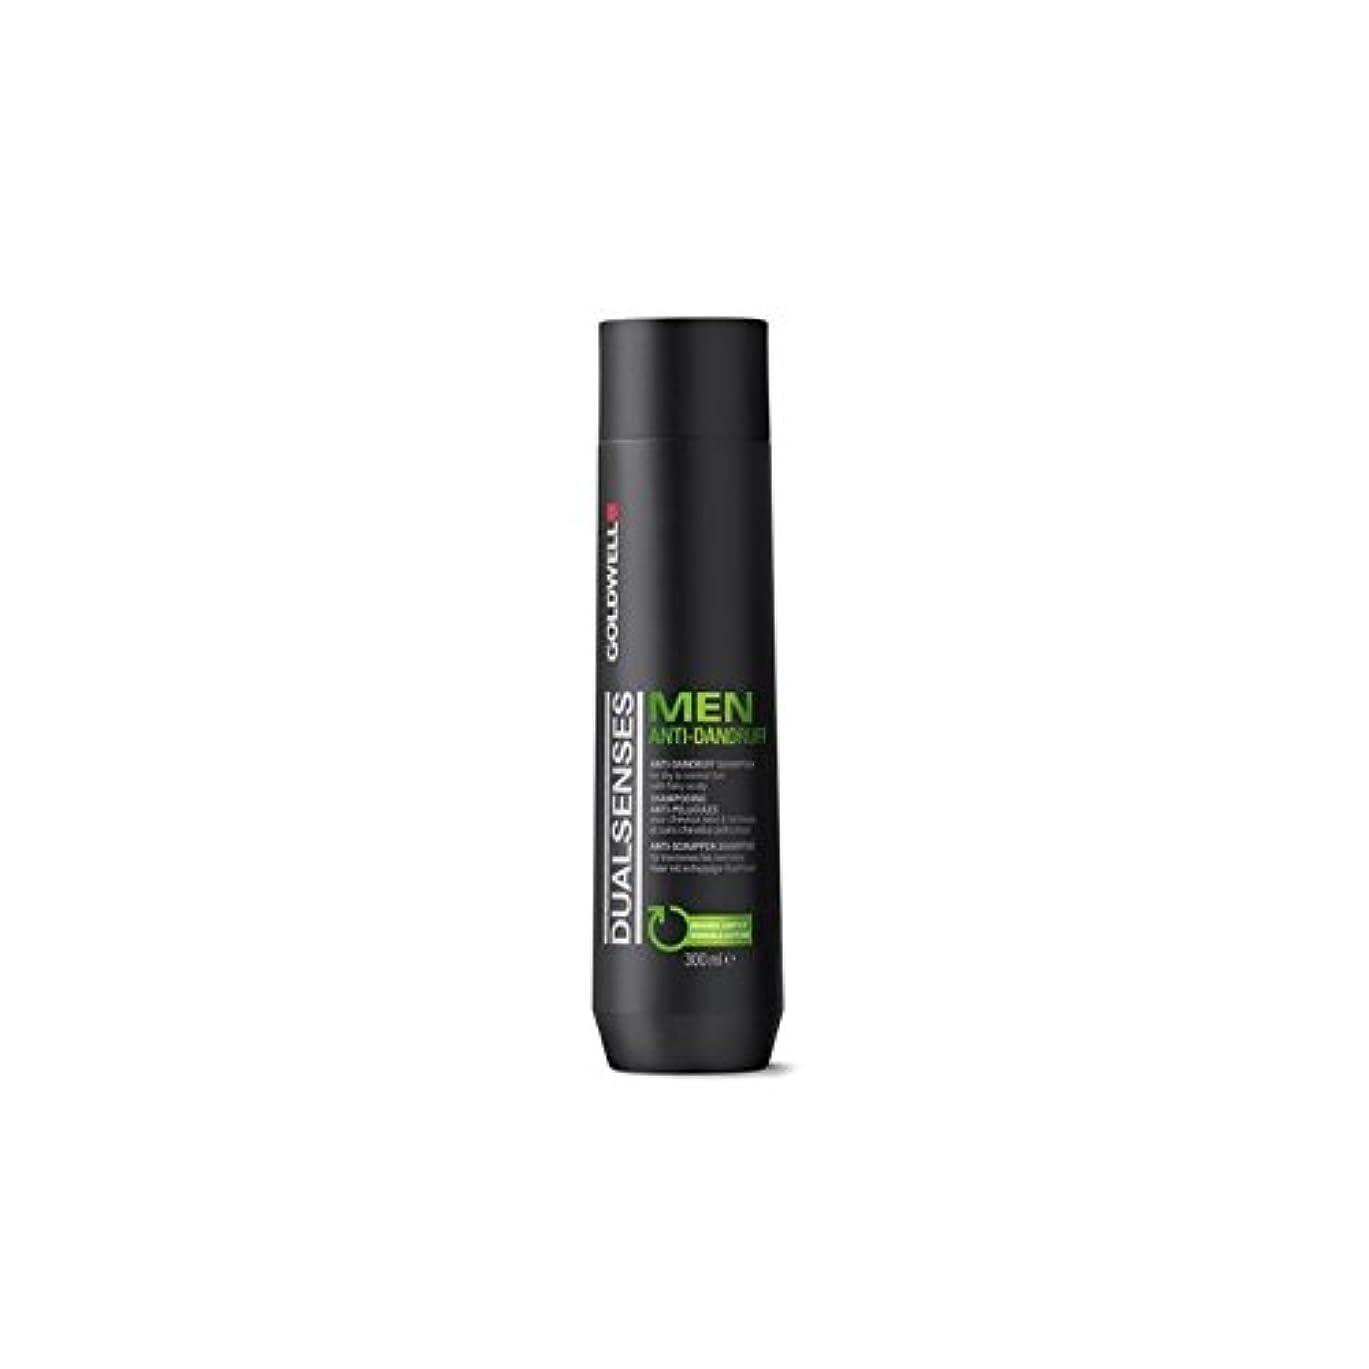 熱心な劇場ステップフケ防止シャンプー(300ミリリットル)男性のためのの x2 - Goldwell Dualsenses For Men Anti-Dandruff Shampoo (300ml) (Pack of 2) [並行輸入品]